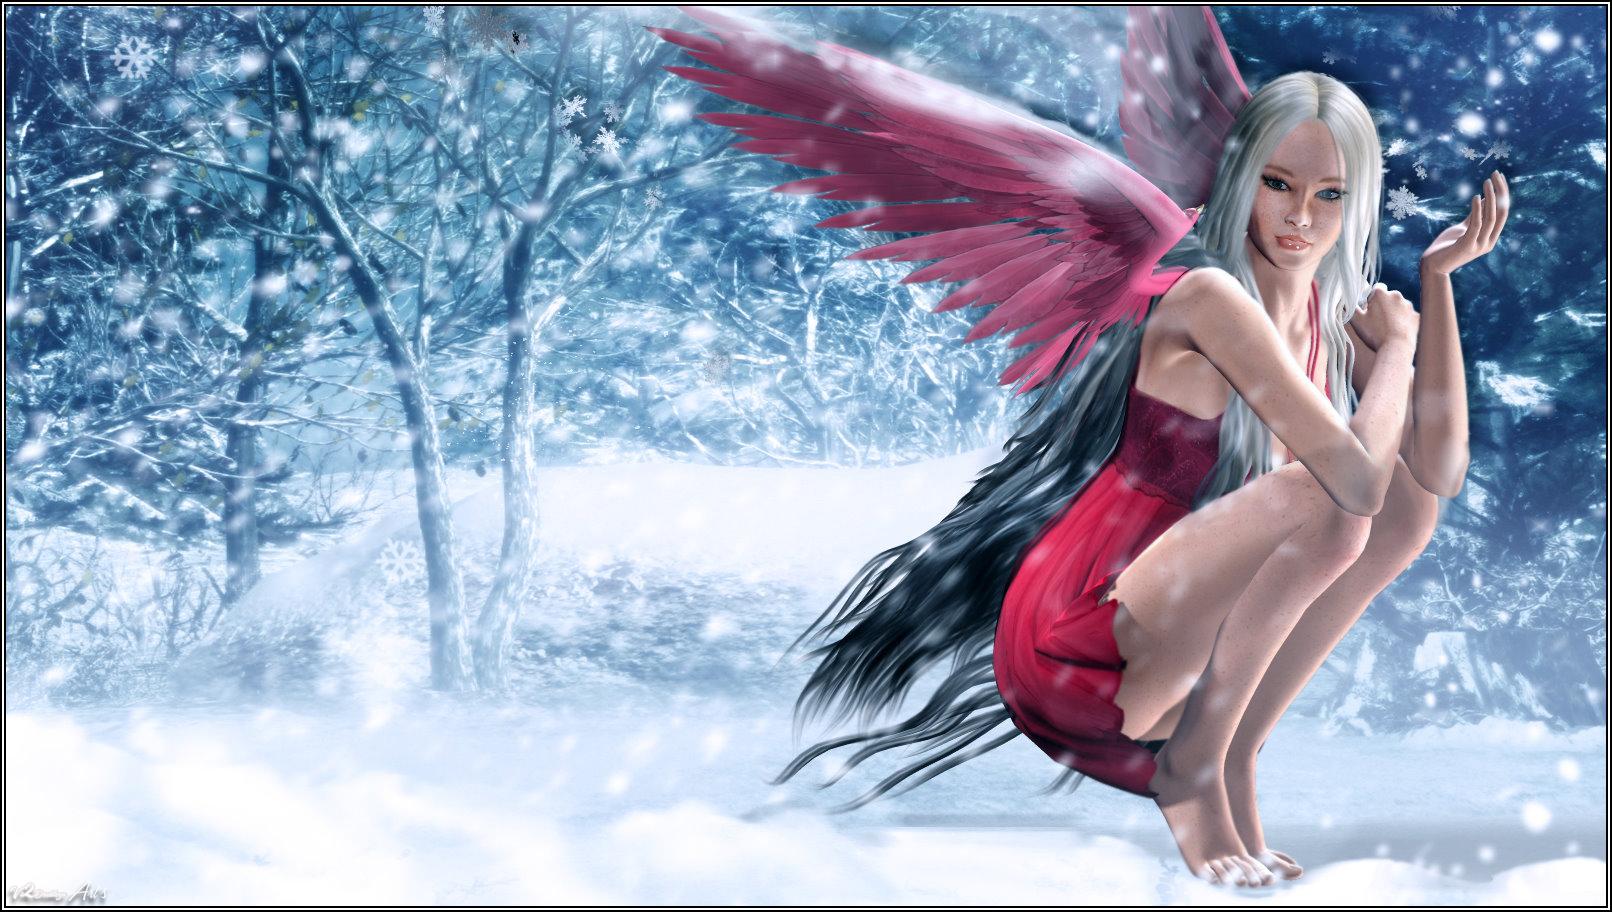 Fantasy Wallpaper Free: Fairy Wallpaper